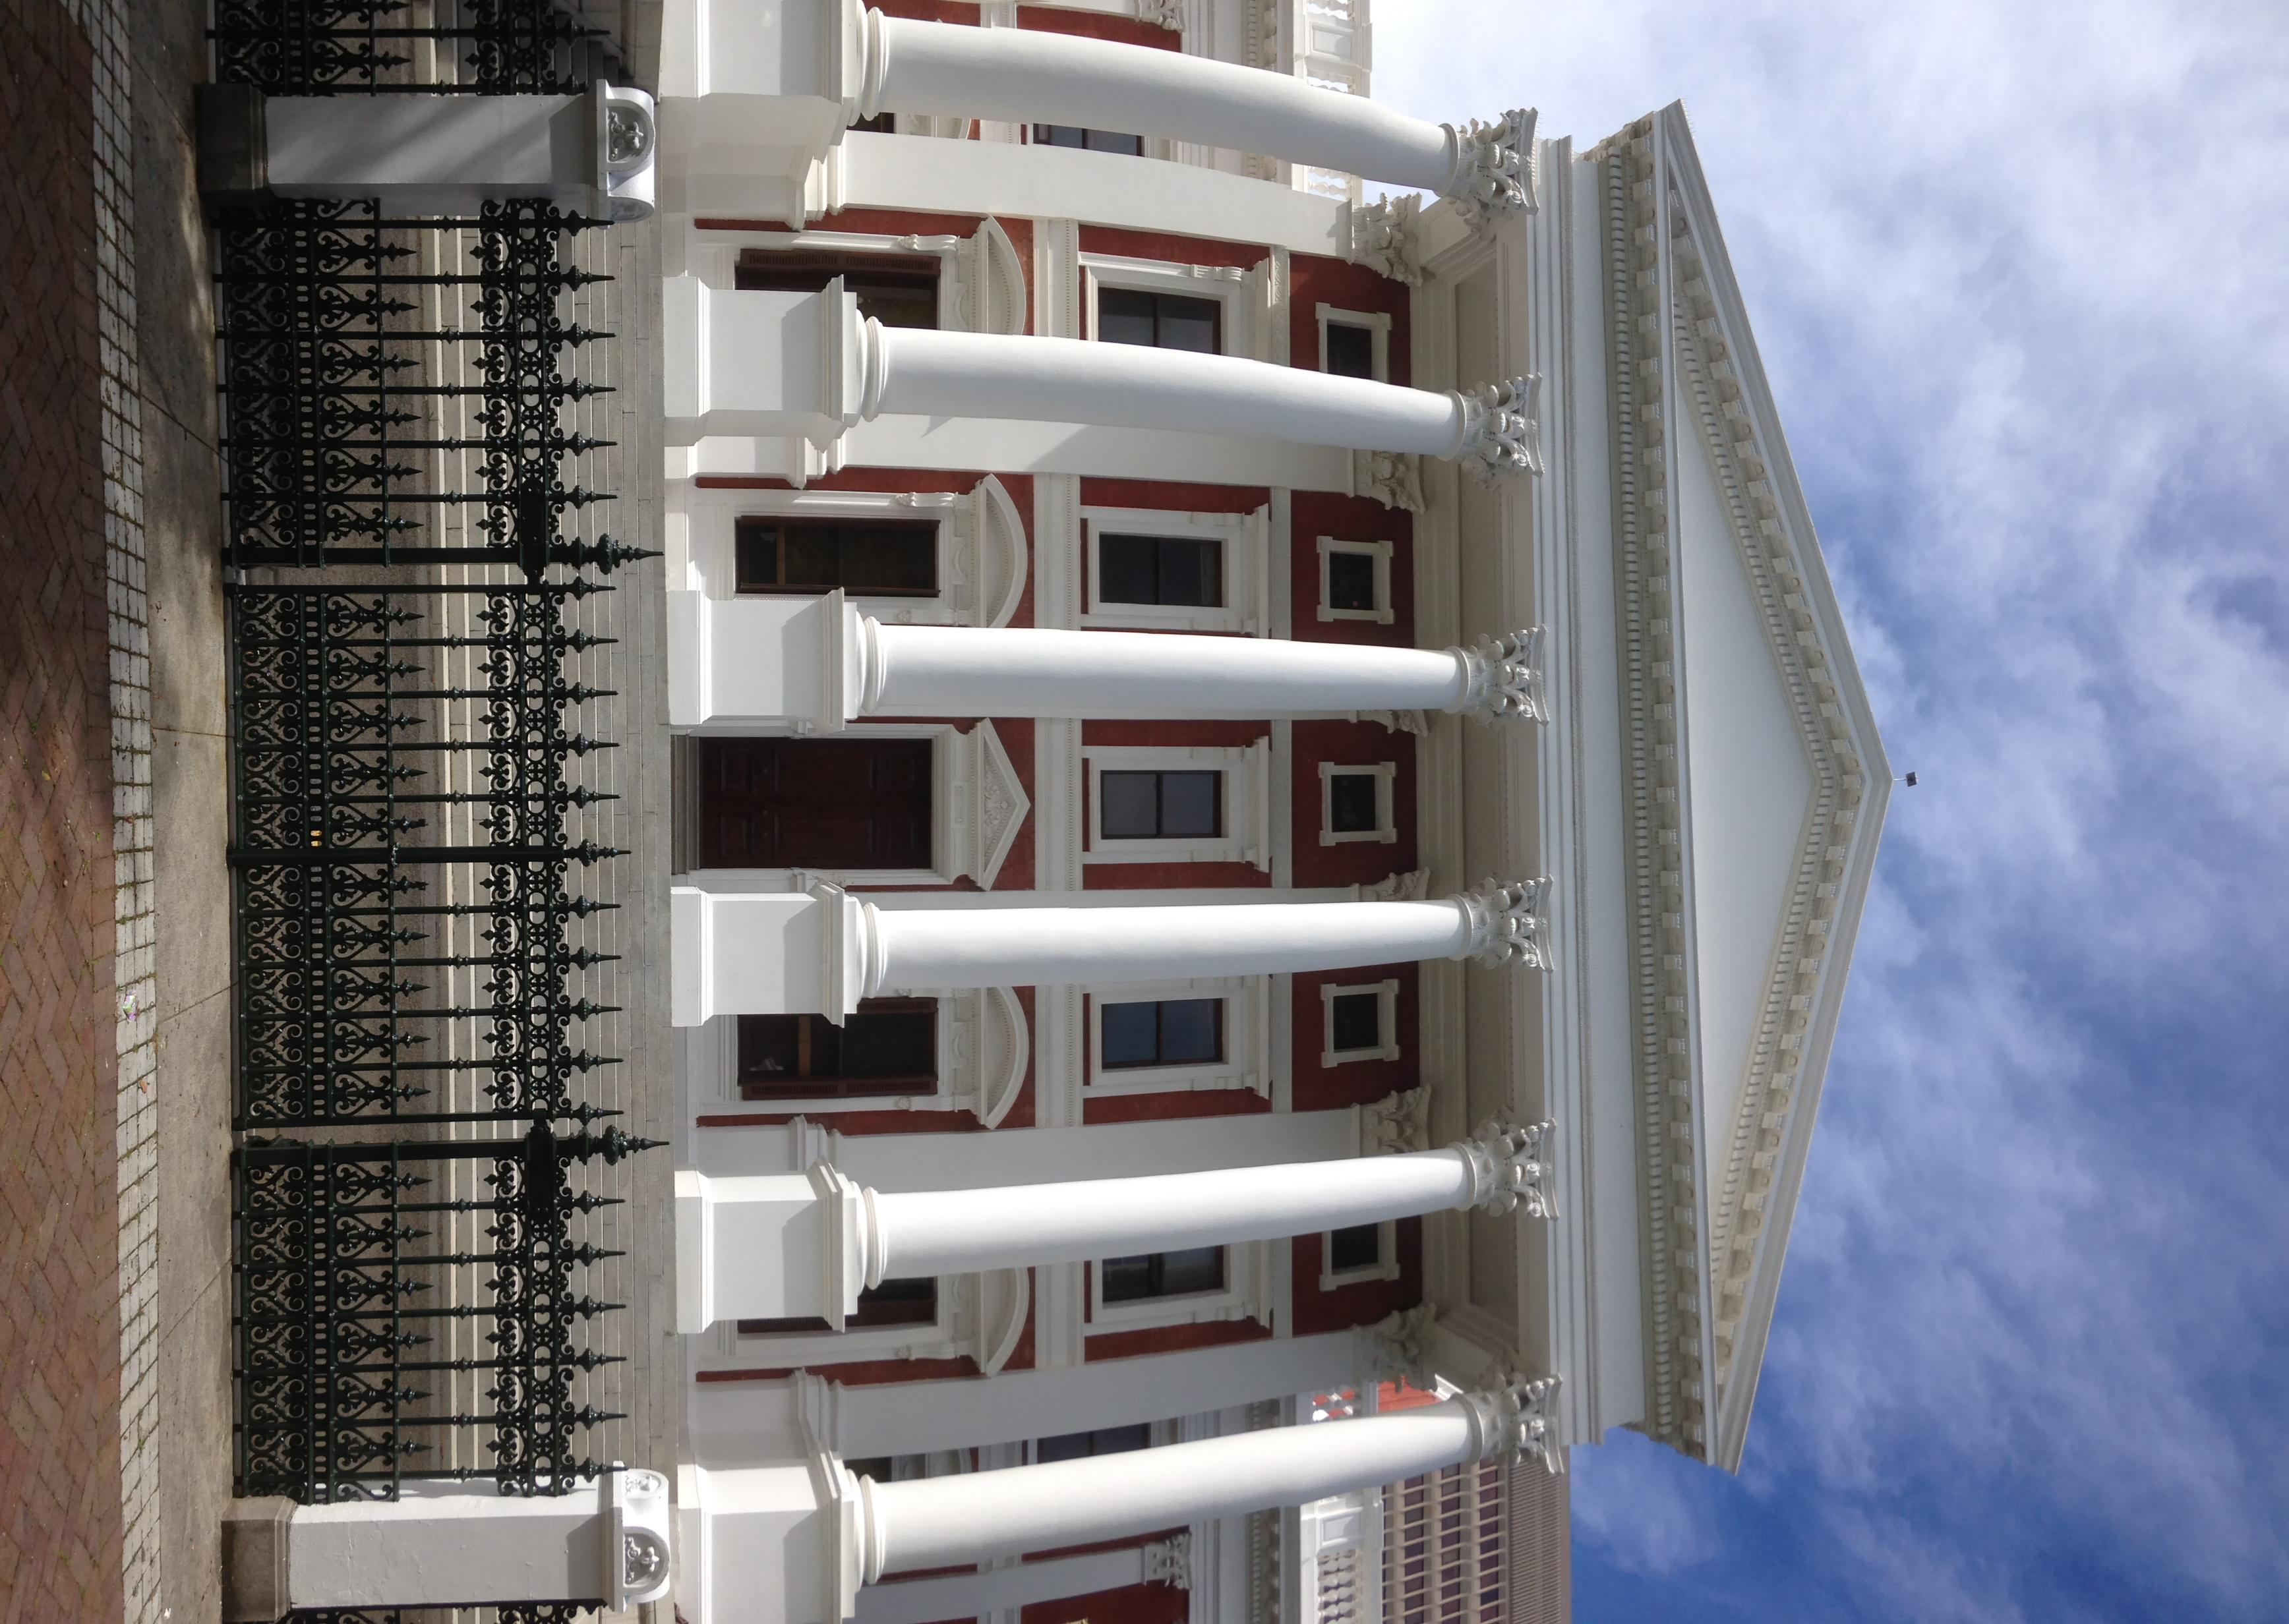 village parliament house behind Midget